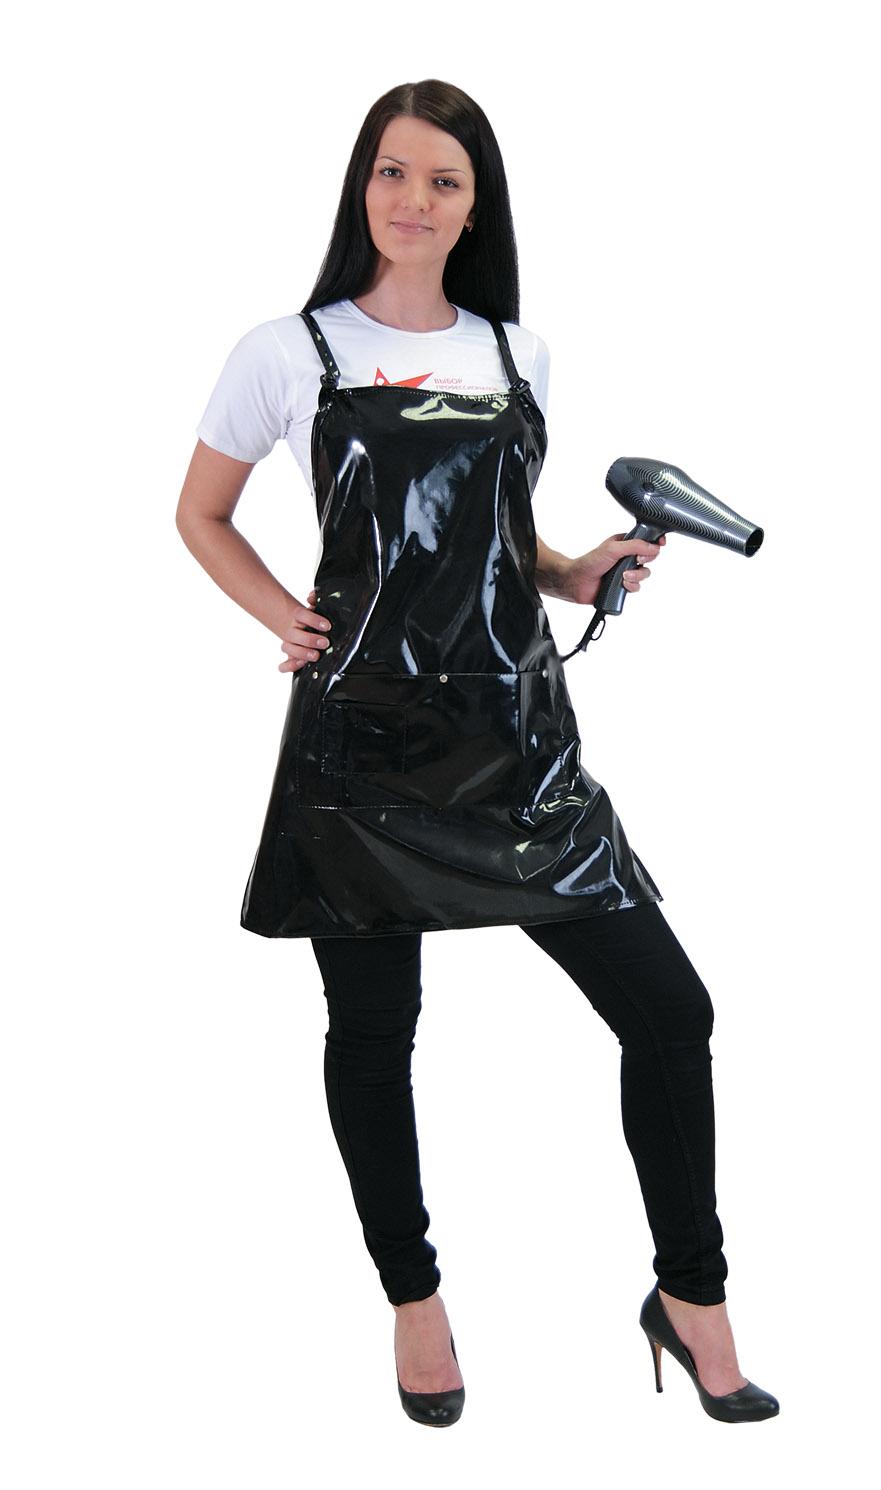 HAIRWAY Фартук MF черный лаковыйФартуки<br>Hairway Фартук лаковый. Цвет: черный. Размер: 62х71 см. Изготовлен из нейлоновой, водонепроницаемой ткани.<br>